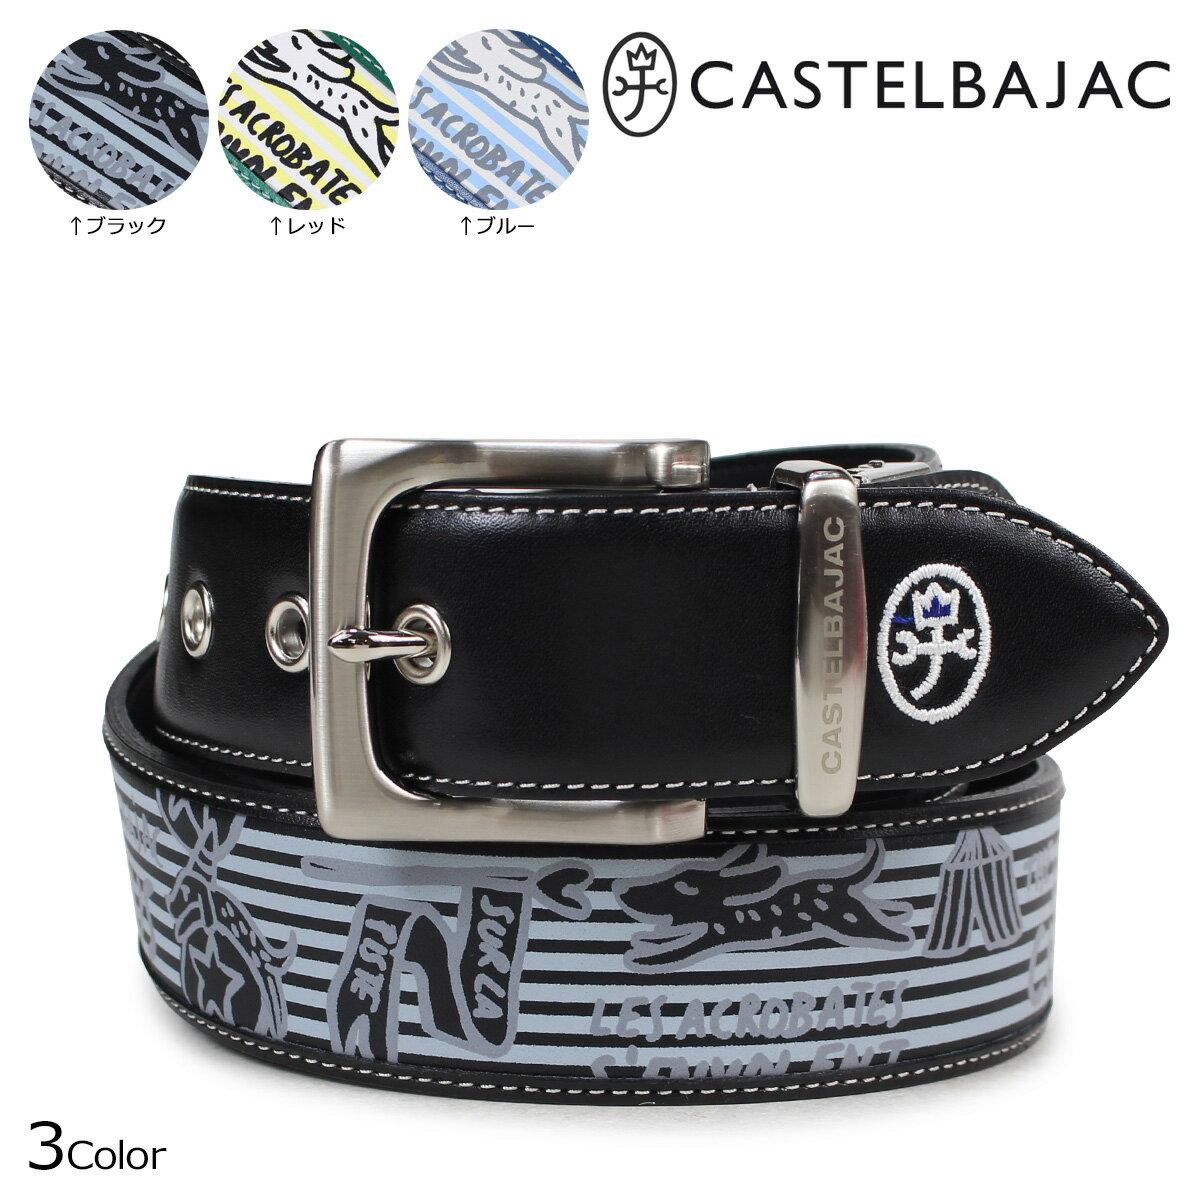 CASTELBAJAC 23602143 カステルバジャック ベルト メンズ カジュアル レザーベルト ブラック レッド ブルー [183]